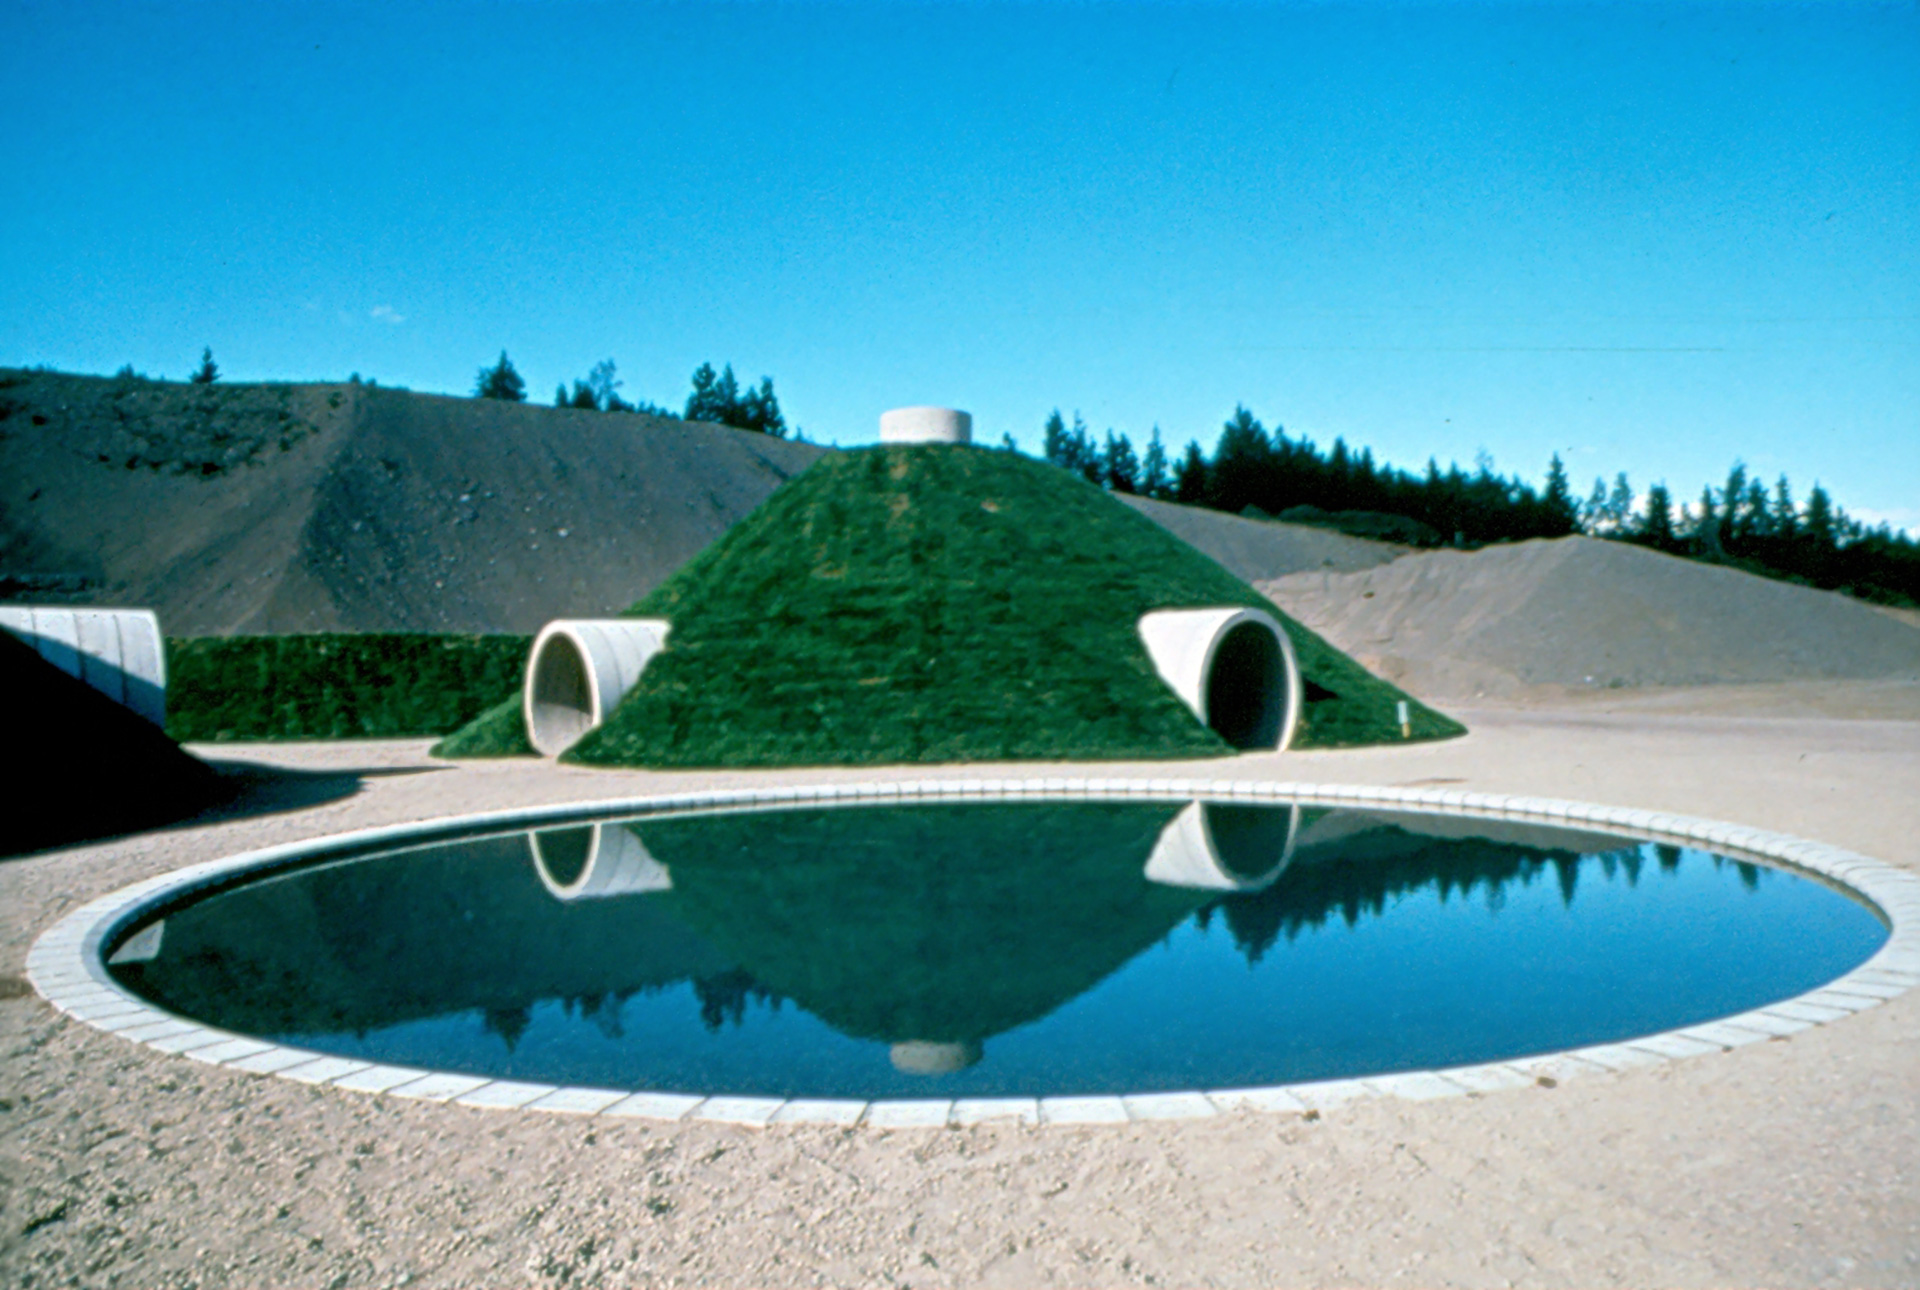 Yltä ja alta -maataideteoksen nurmipeitteinen kumpu, jonka ympärillä on soraa ja edessä vesiaihe.